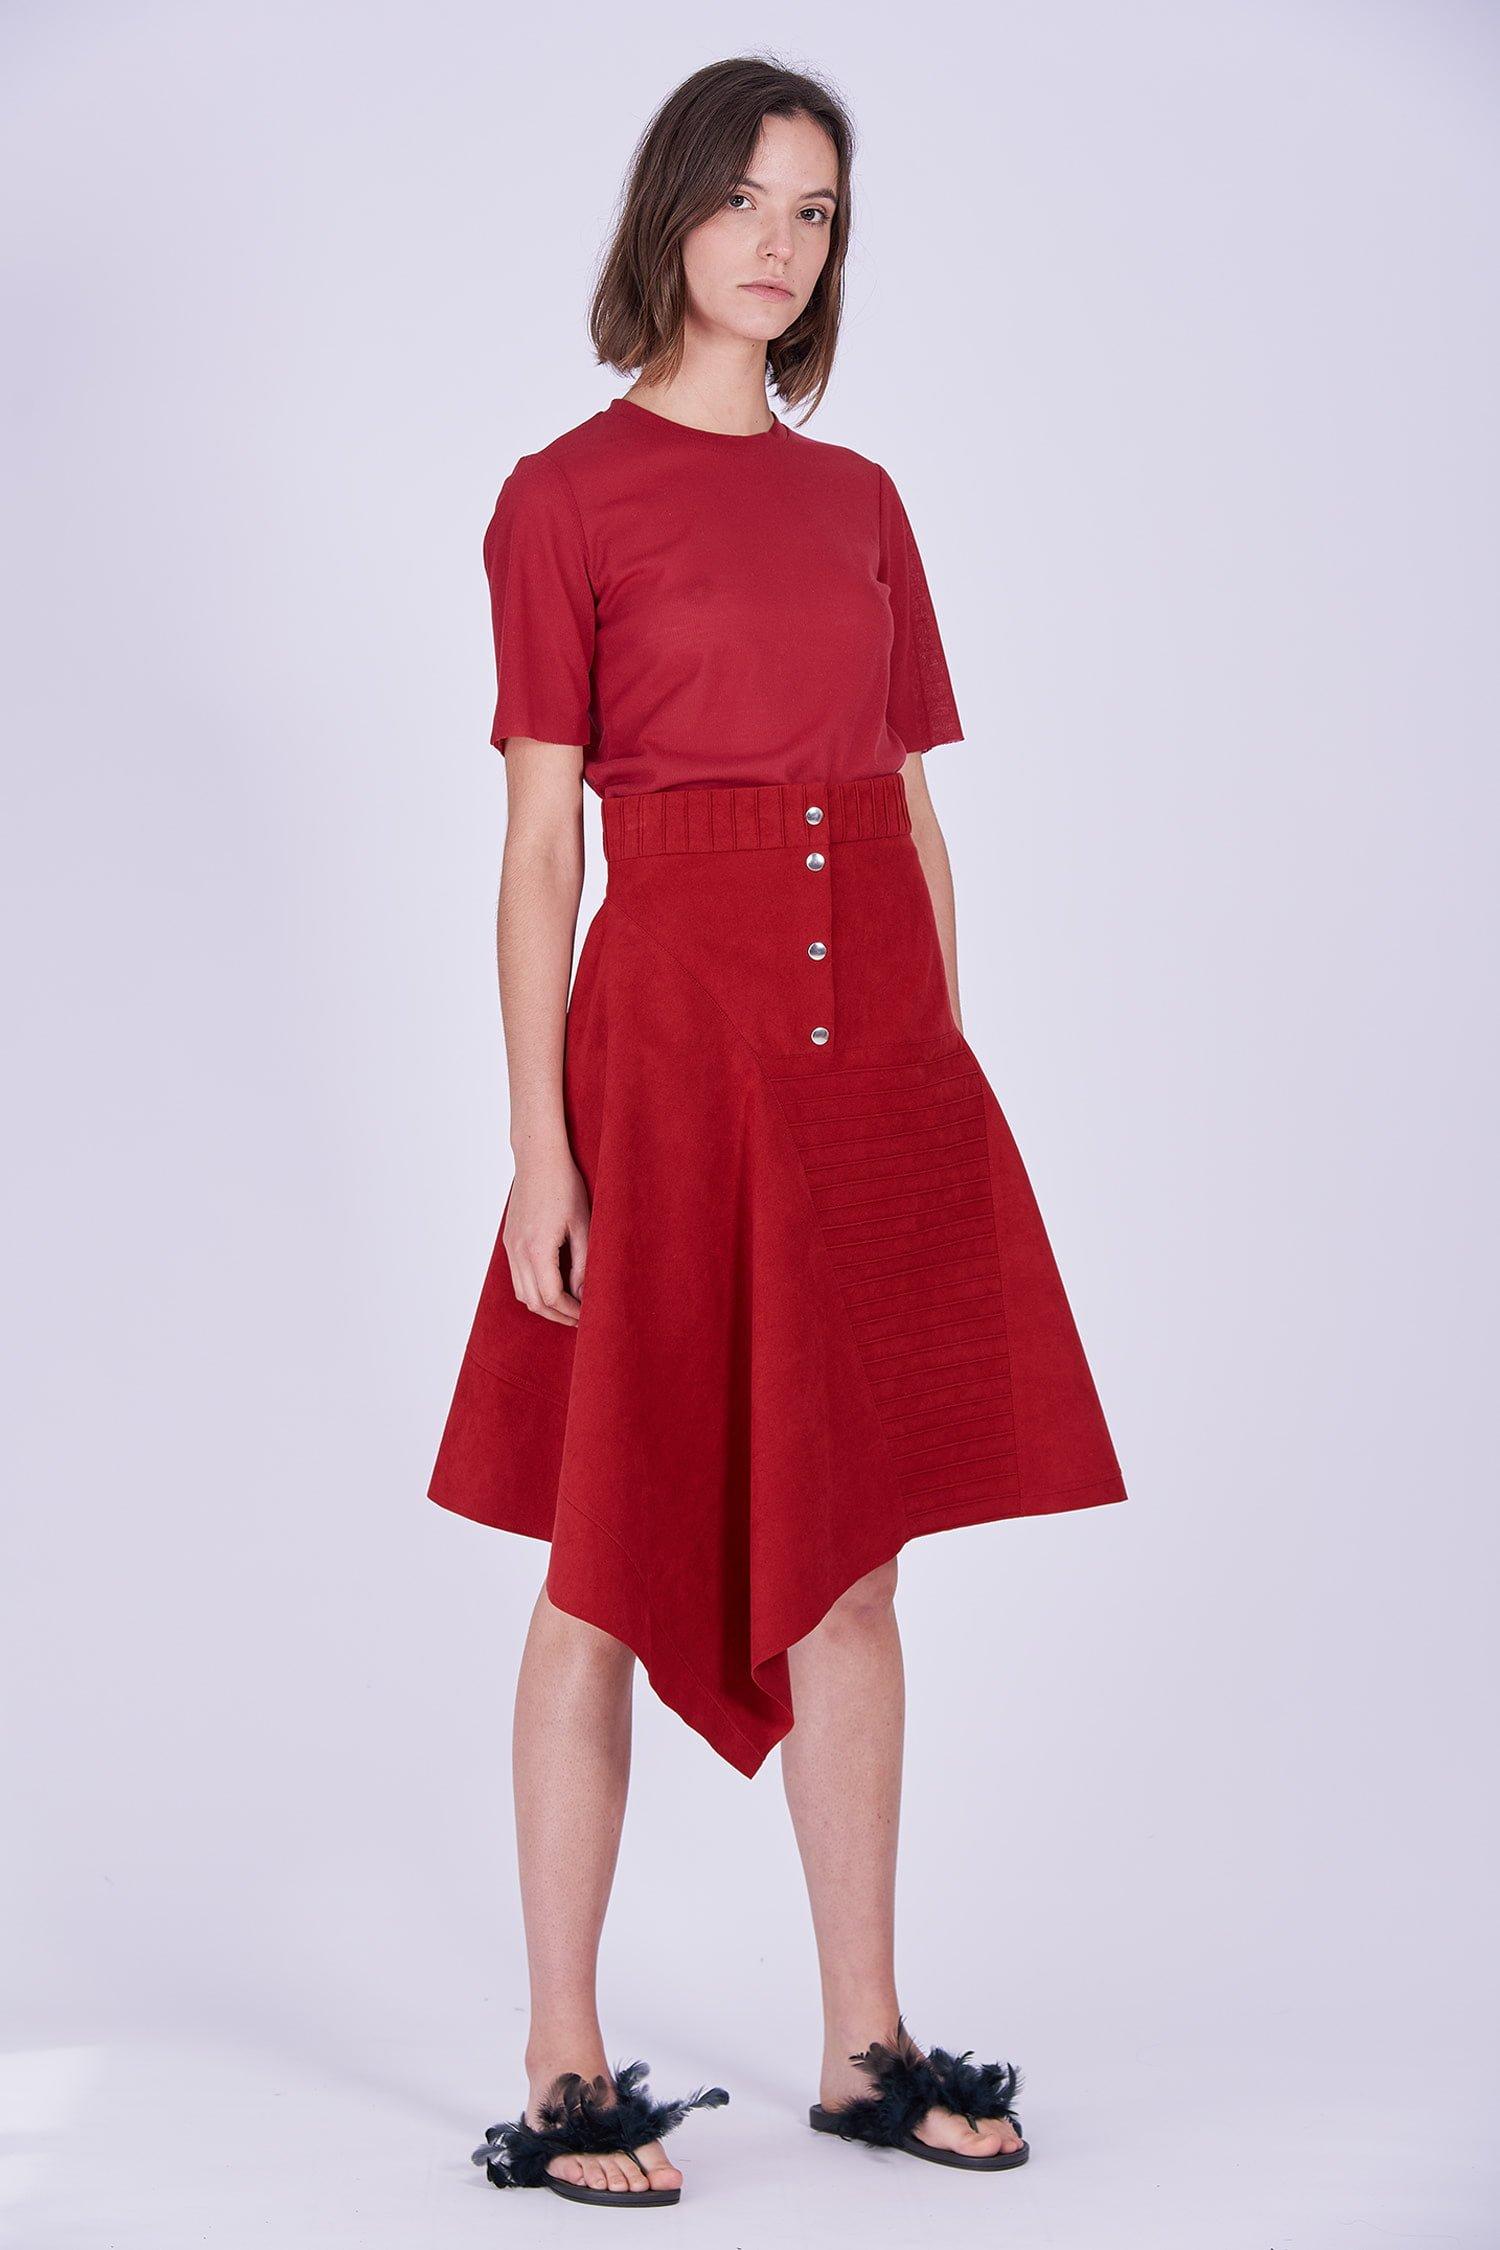 Acephala Ps2020 Red Midi Skirt T Shirt Construction Czerwona Spodnica Konstrukcyjna Czerwony Front Side